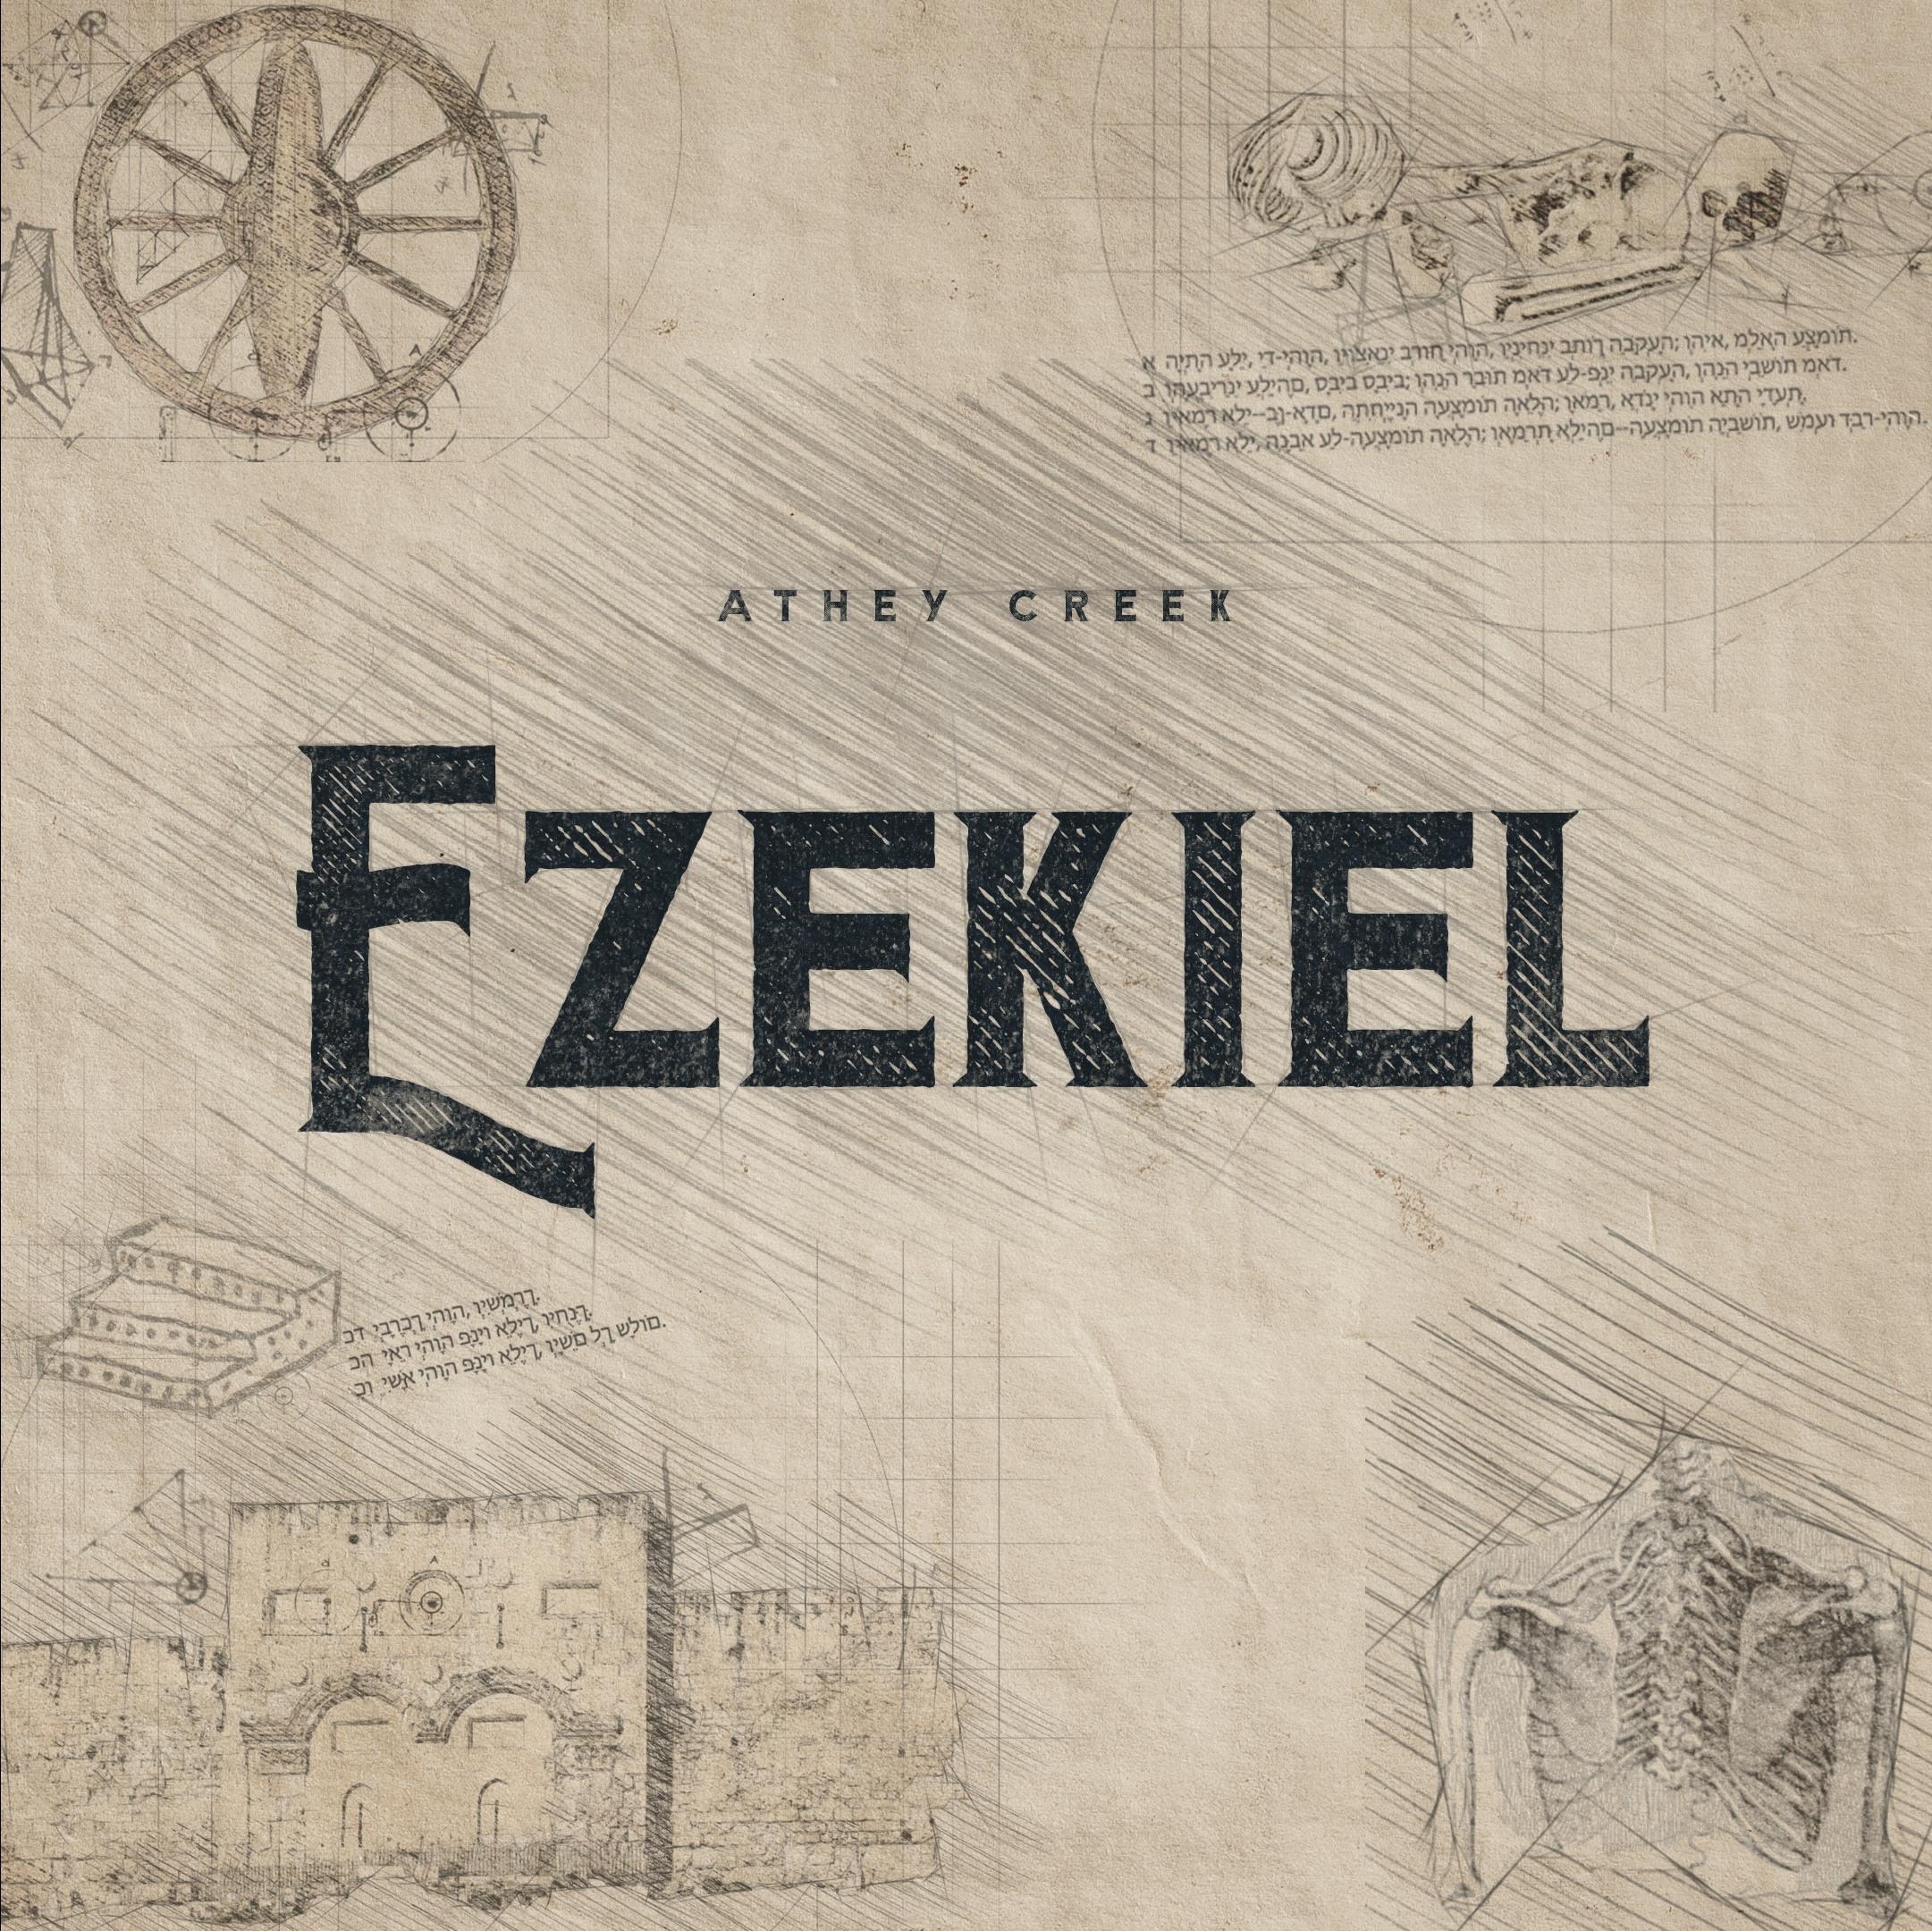 Through the Bible (Ezekiel 37) by Brett Meador